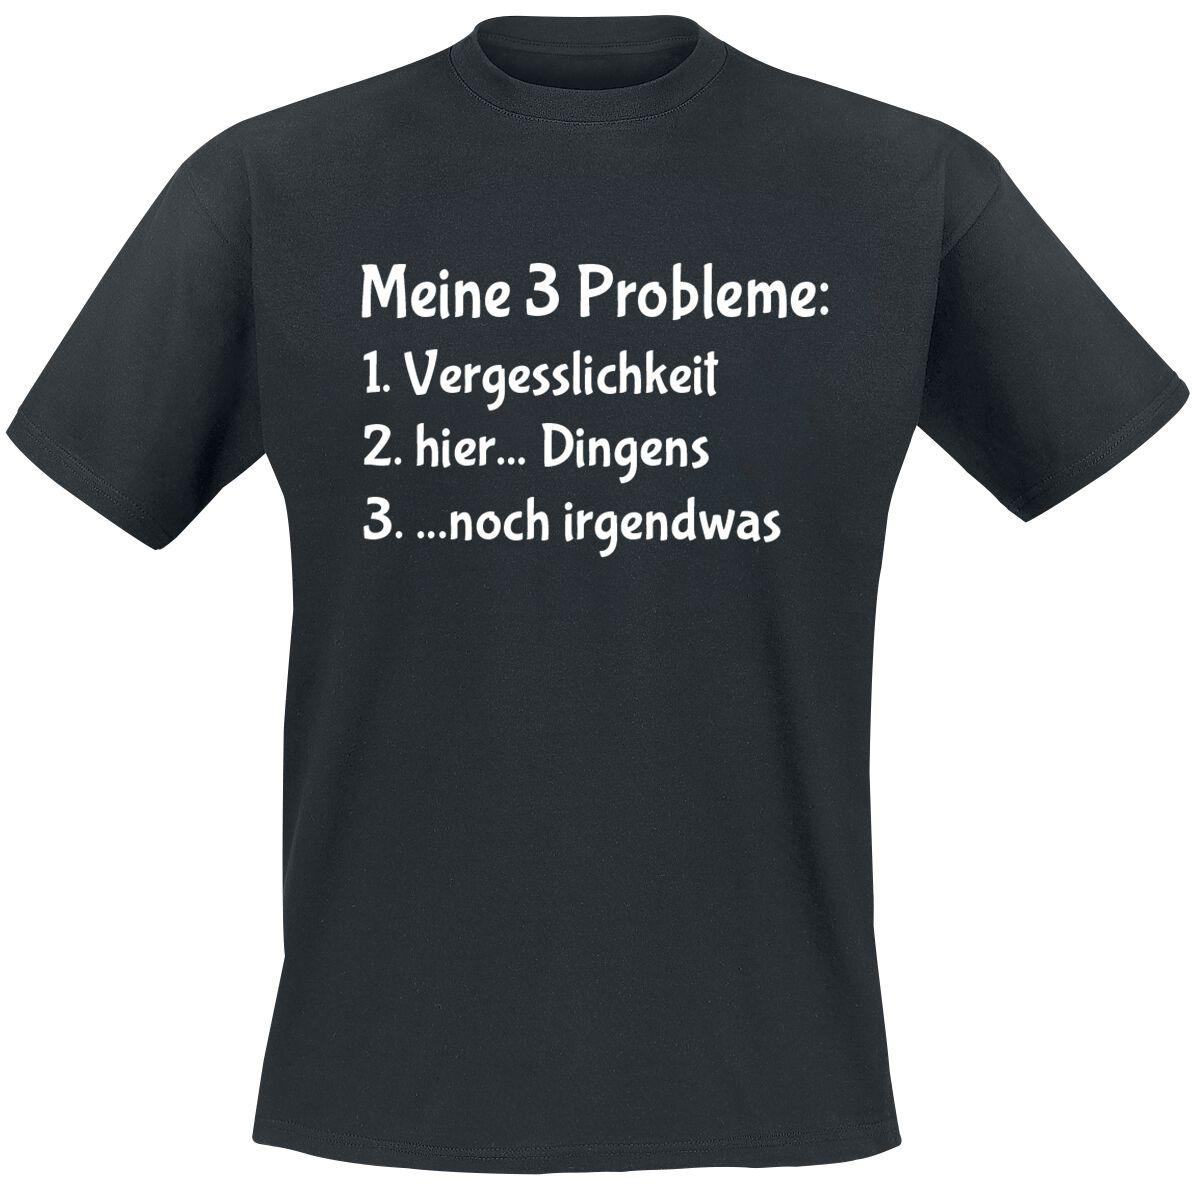 Meine 3 Probleme T-Shirt schwarz T2658